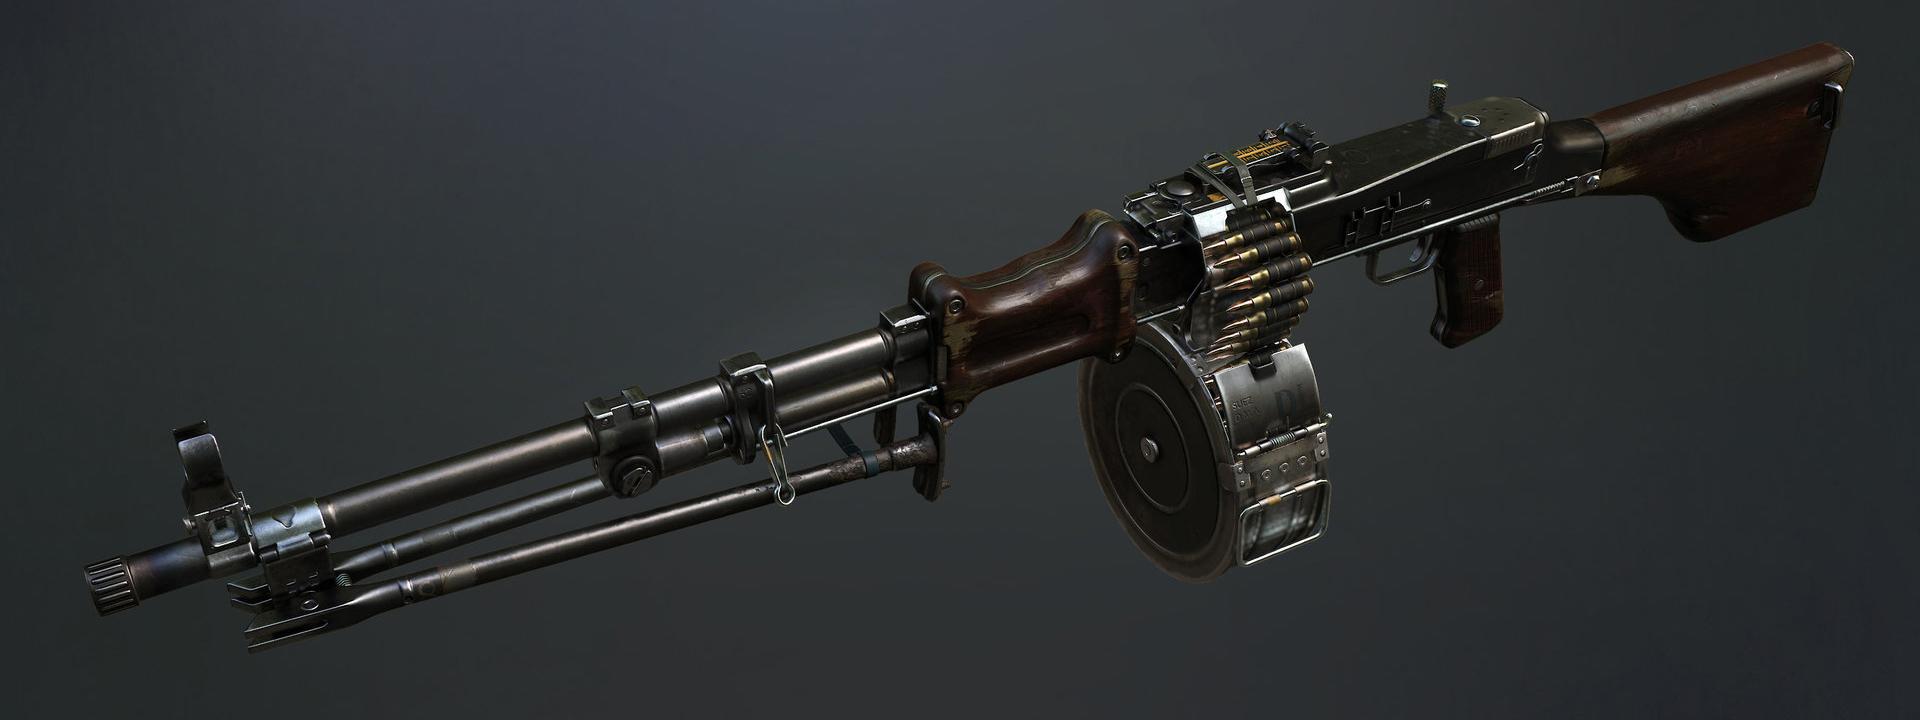 RPD machine gun-art-3d-model